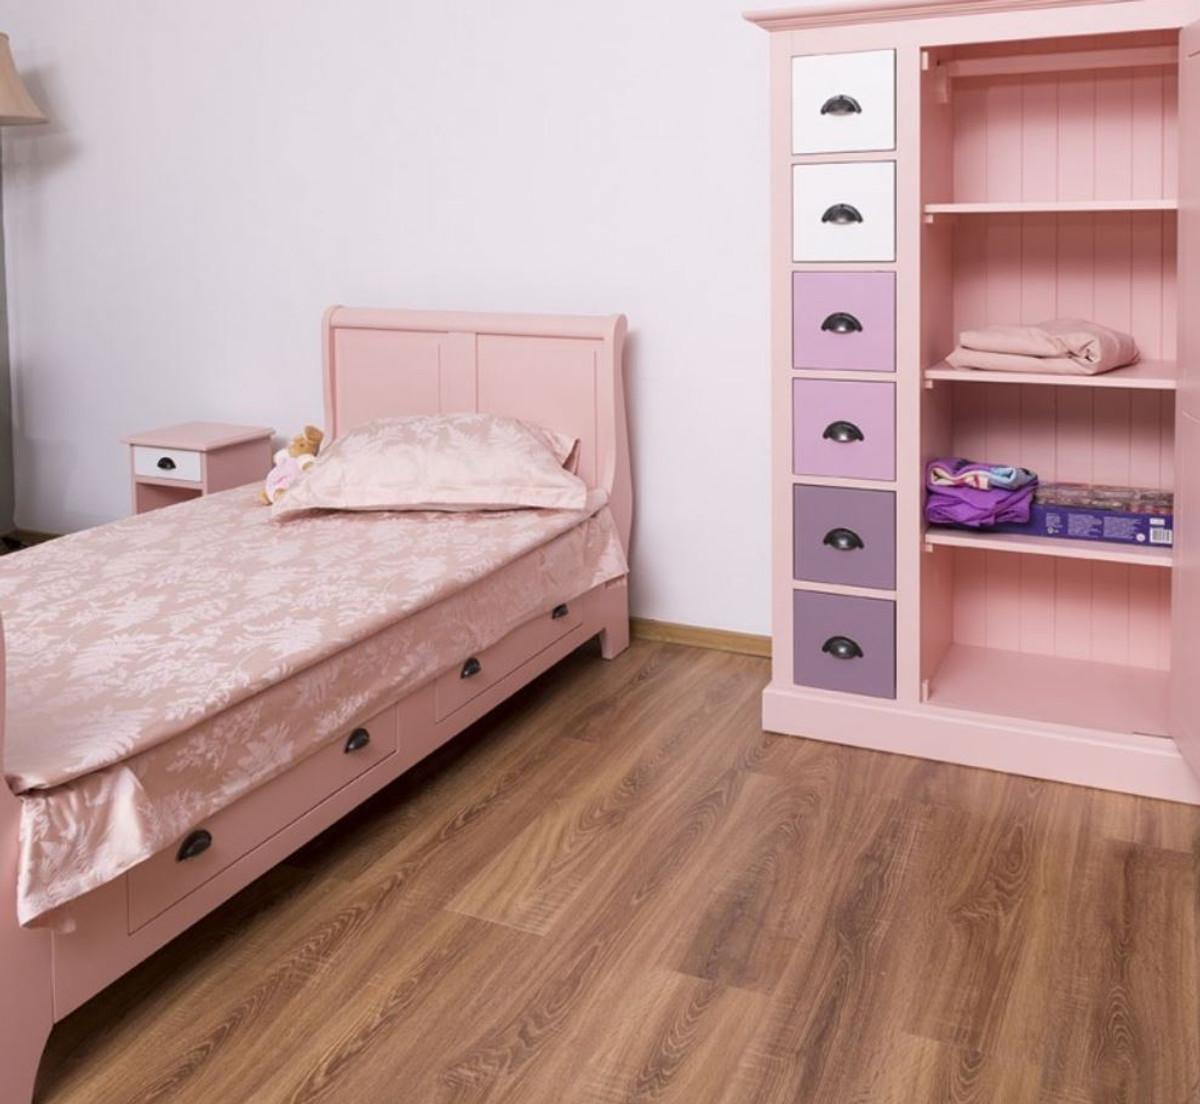 Casa Padrino Landhausstil Massivholz Kinderzimmer Mobel Set Rosa Weiss Lila 1 Einzelbett 1 Kleiderschrank 1 Nachttisch Landhausstil Mobel